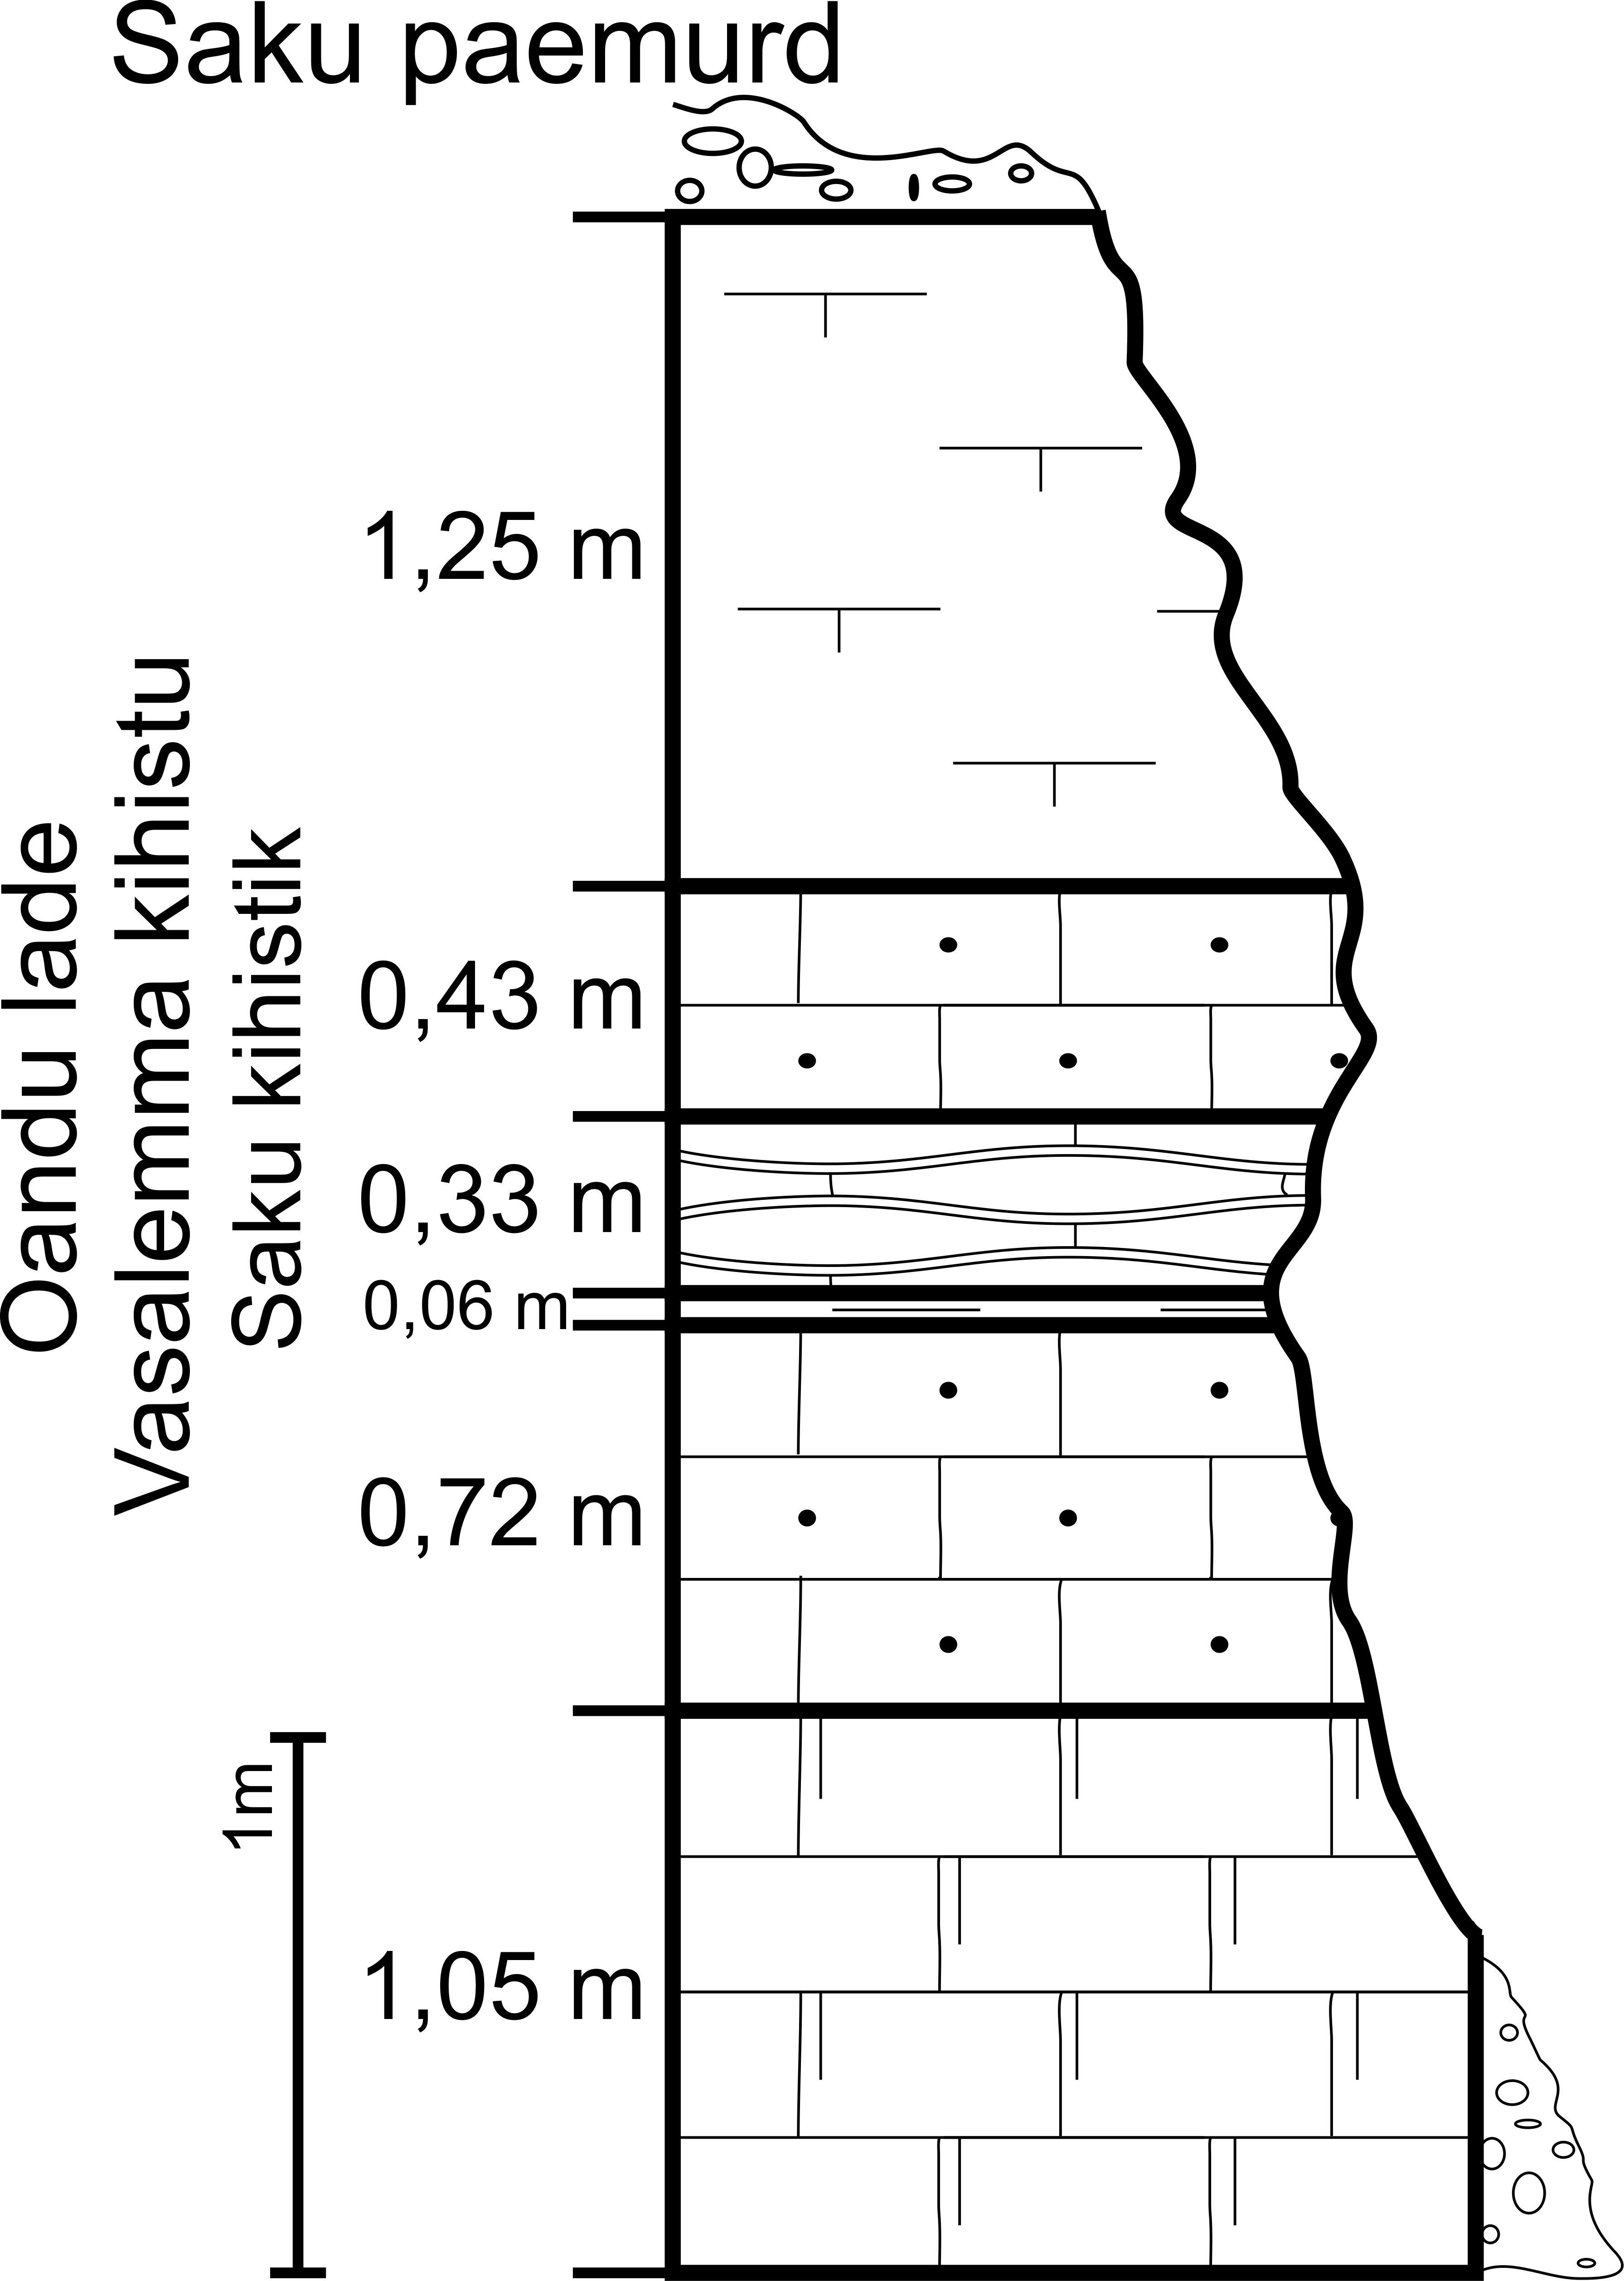 Saku paemurru läbilõige 2012 aastal. (joonis: Paiste T.)